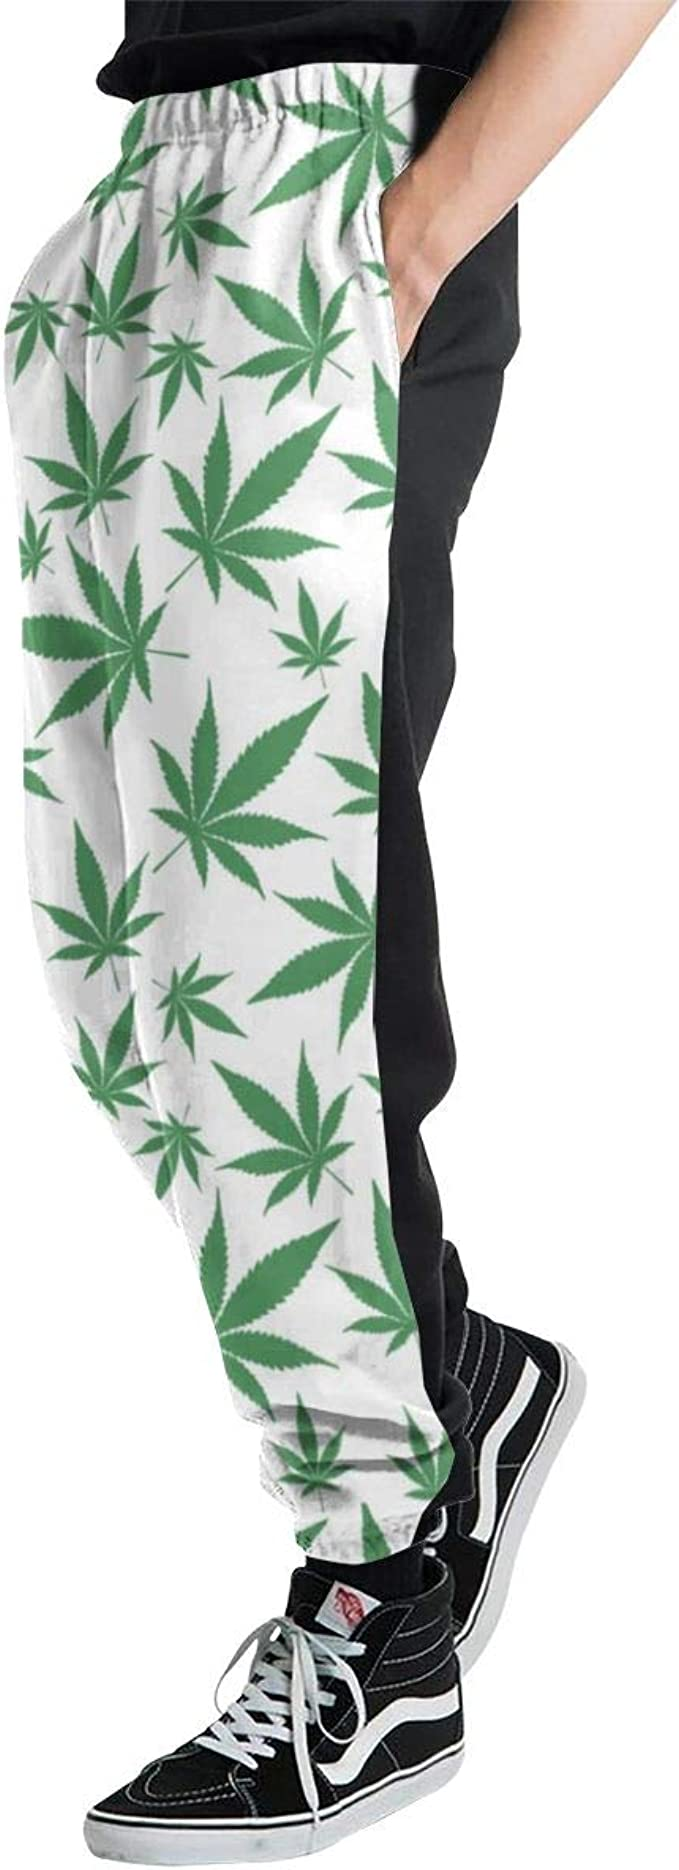 Hojas de Marihuana Verde en pantalón de chándal Ligero Cerrado ...